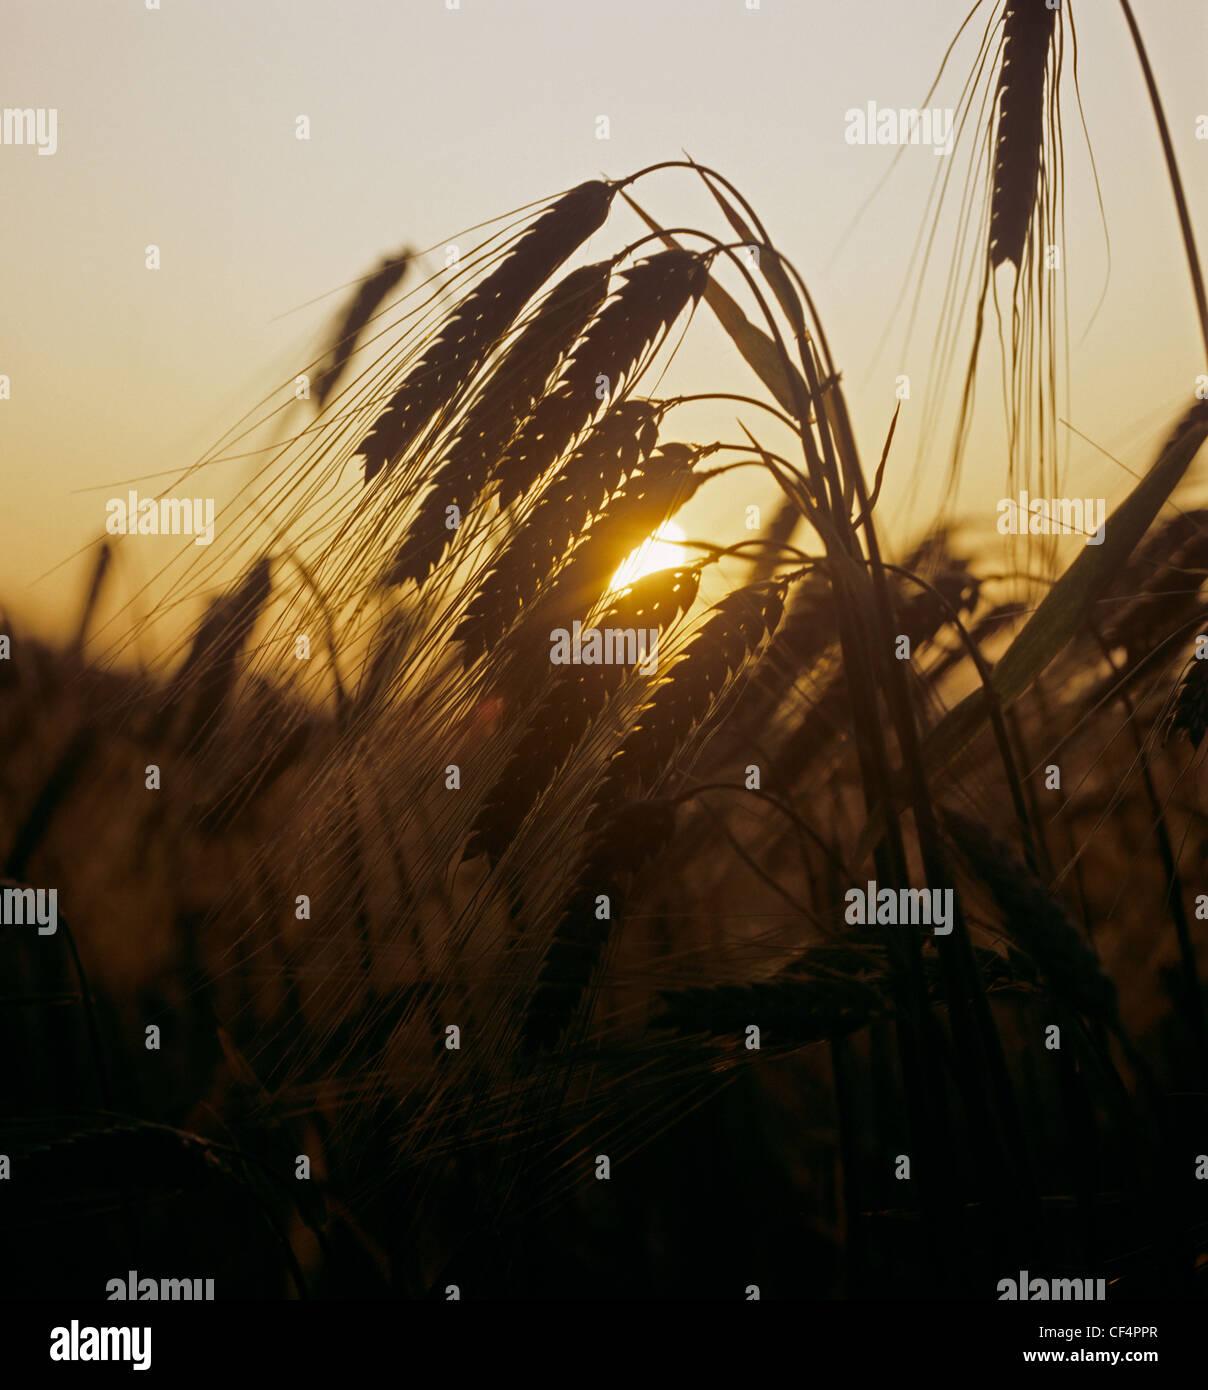 L'orge oreilles contre un cadre chaleureux soleil de l'été Photo Stock